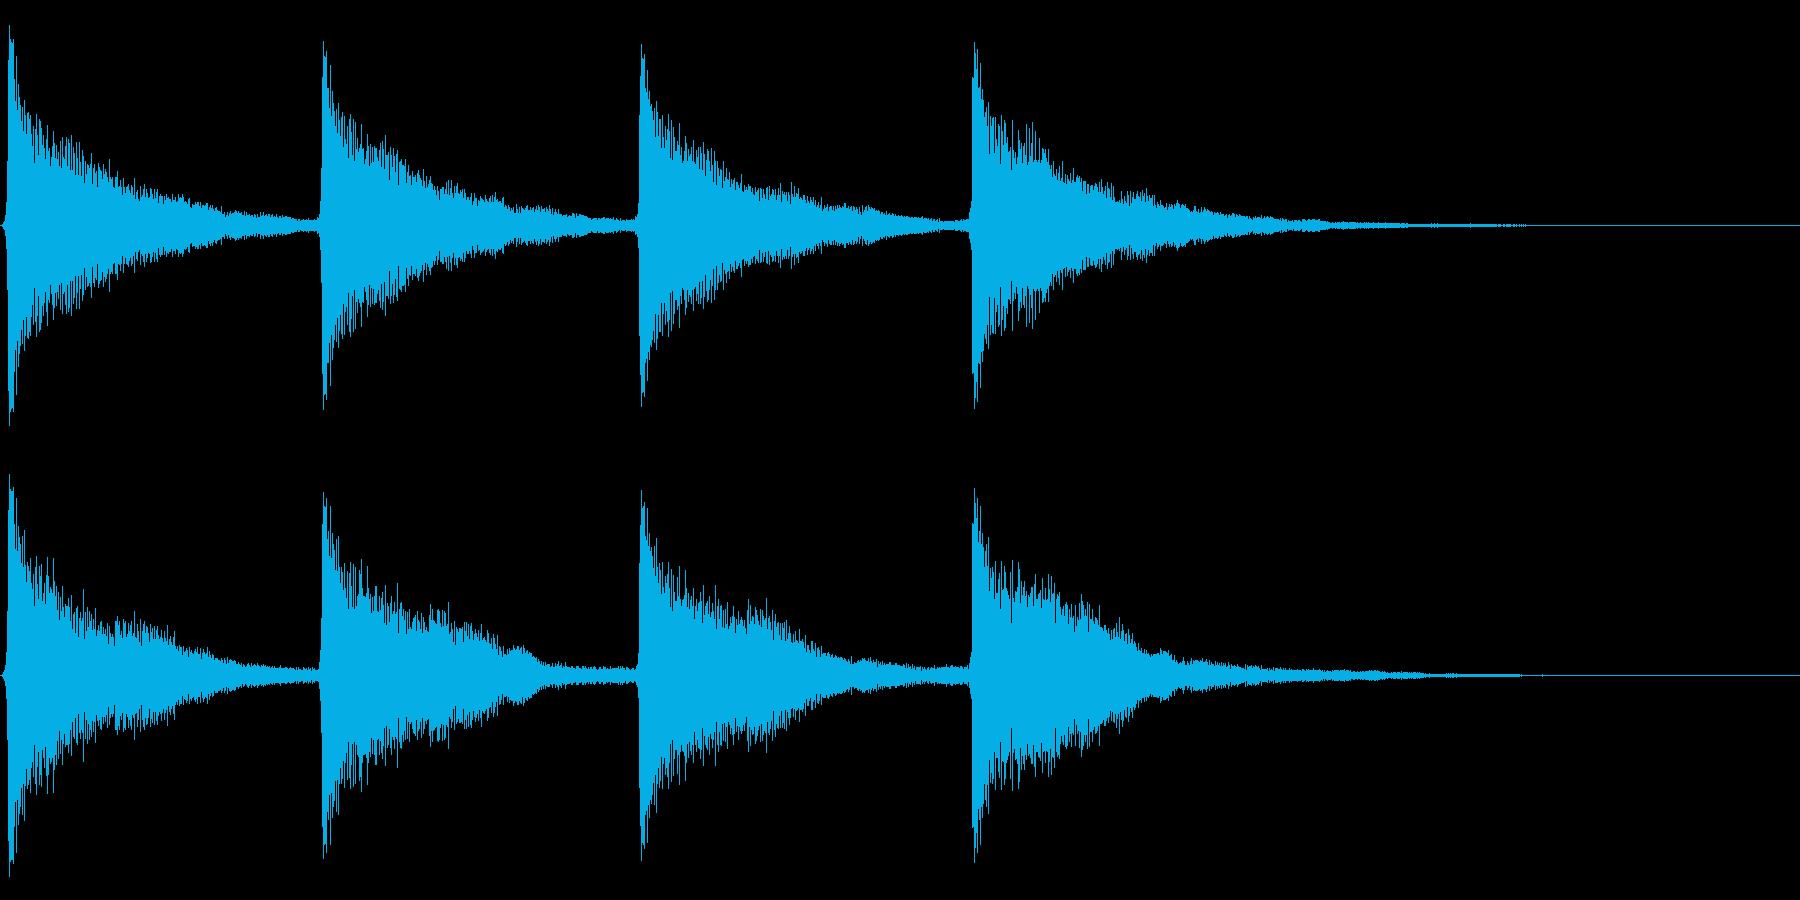 時計搭/時報/鐘/ゴーン/連続音の再生済みの波形